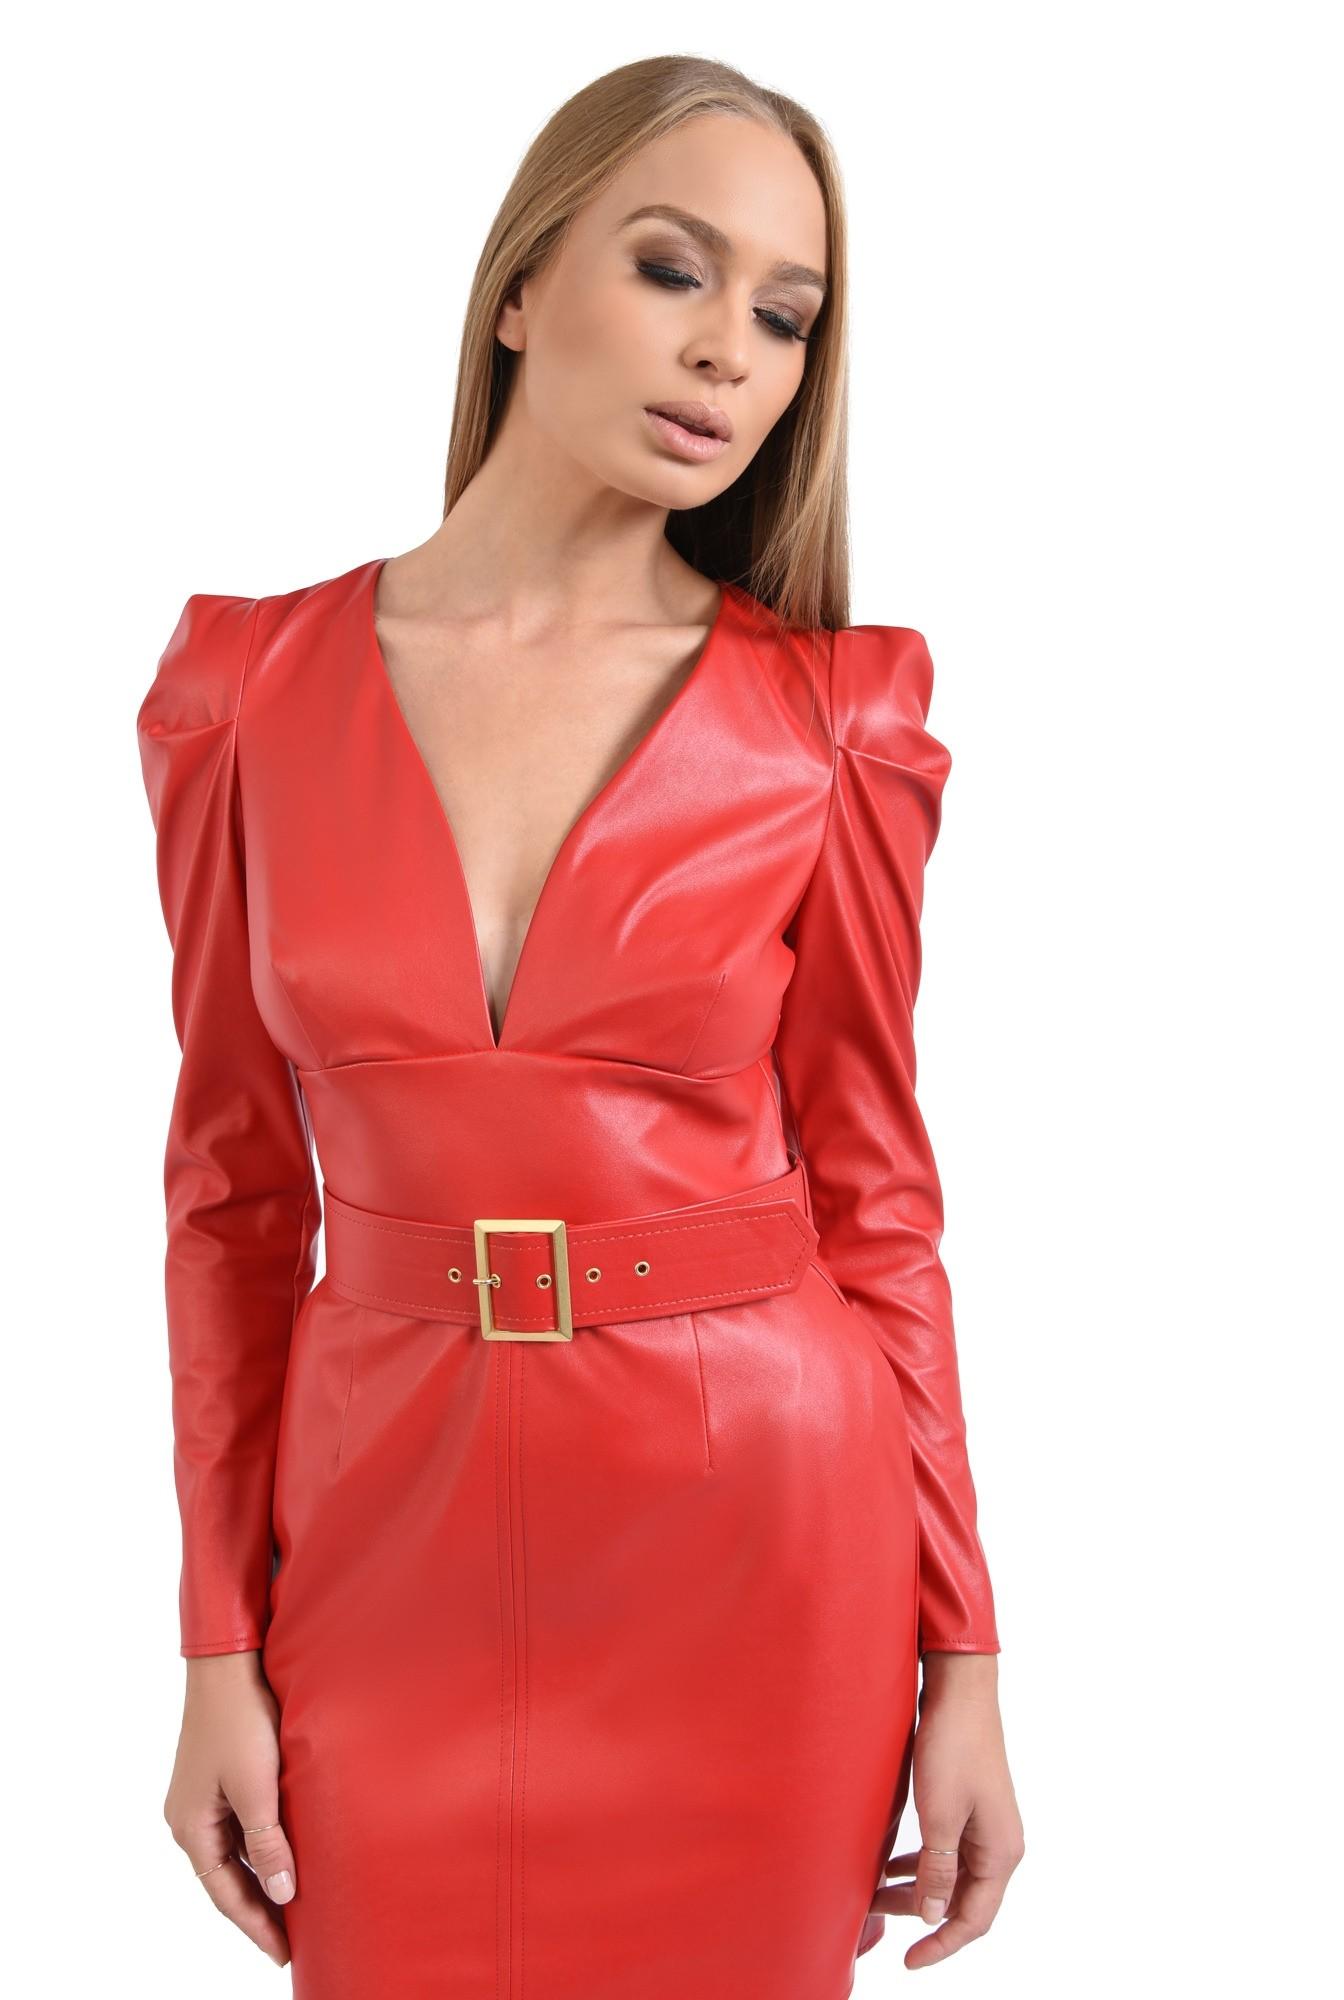 2 - rochie mini, rosie, anchior, cu centura